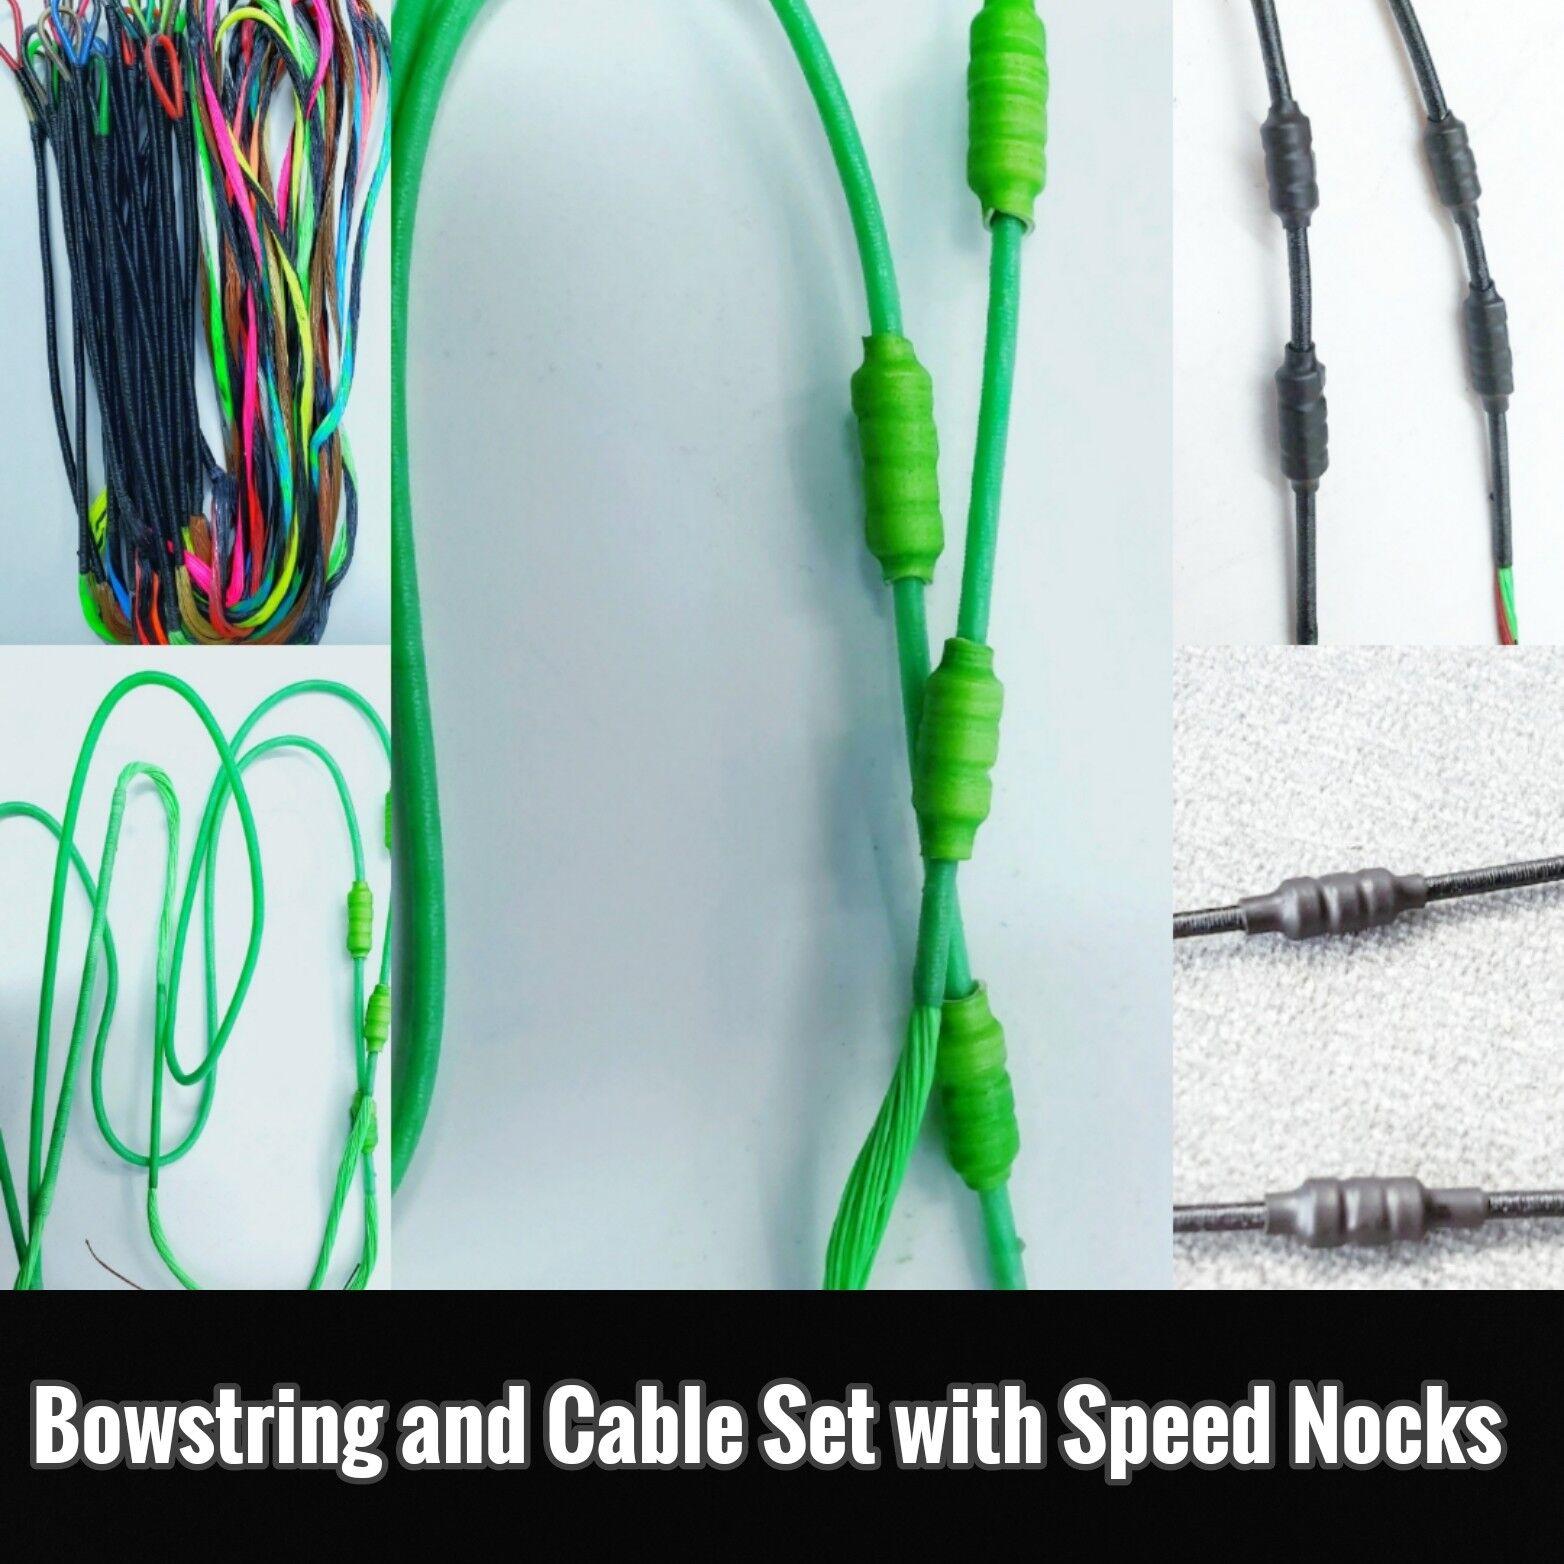 Hoyt NITRUM Turbo  2 Cuerda de arco y juego de cables con velocidad culatines Envío Gratuito